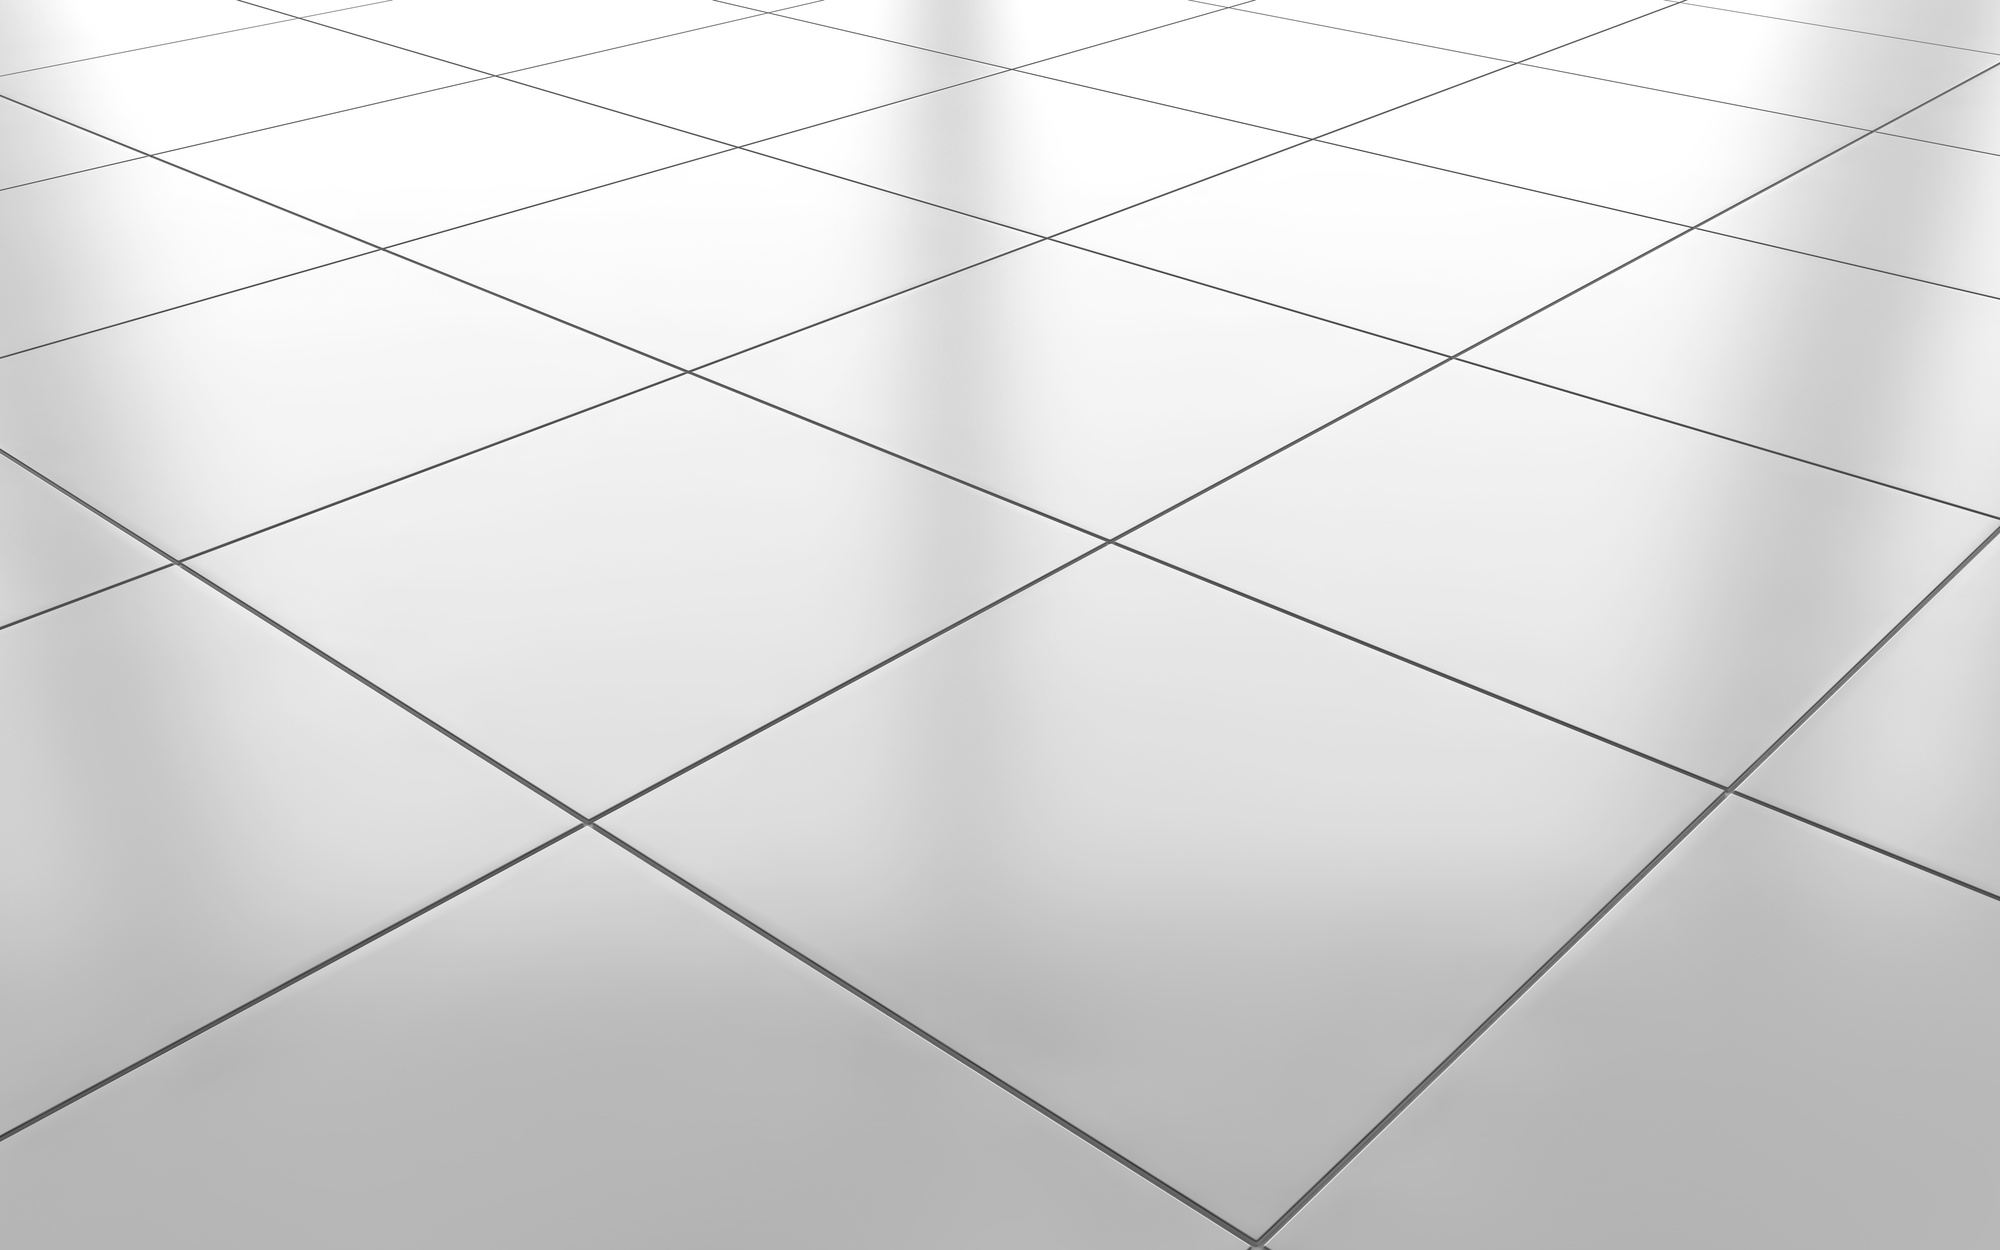 https myaffordablefloors com 5 tips clean maintain vinyl tile flooring white glossy ceramic tile floor background 3d rendering